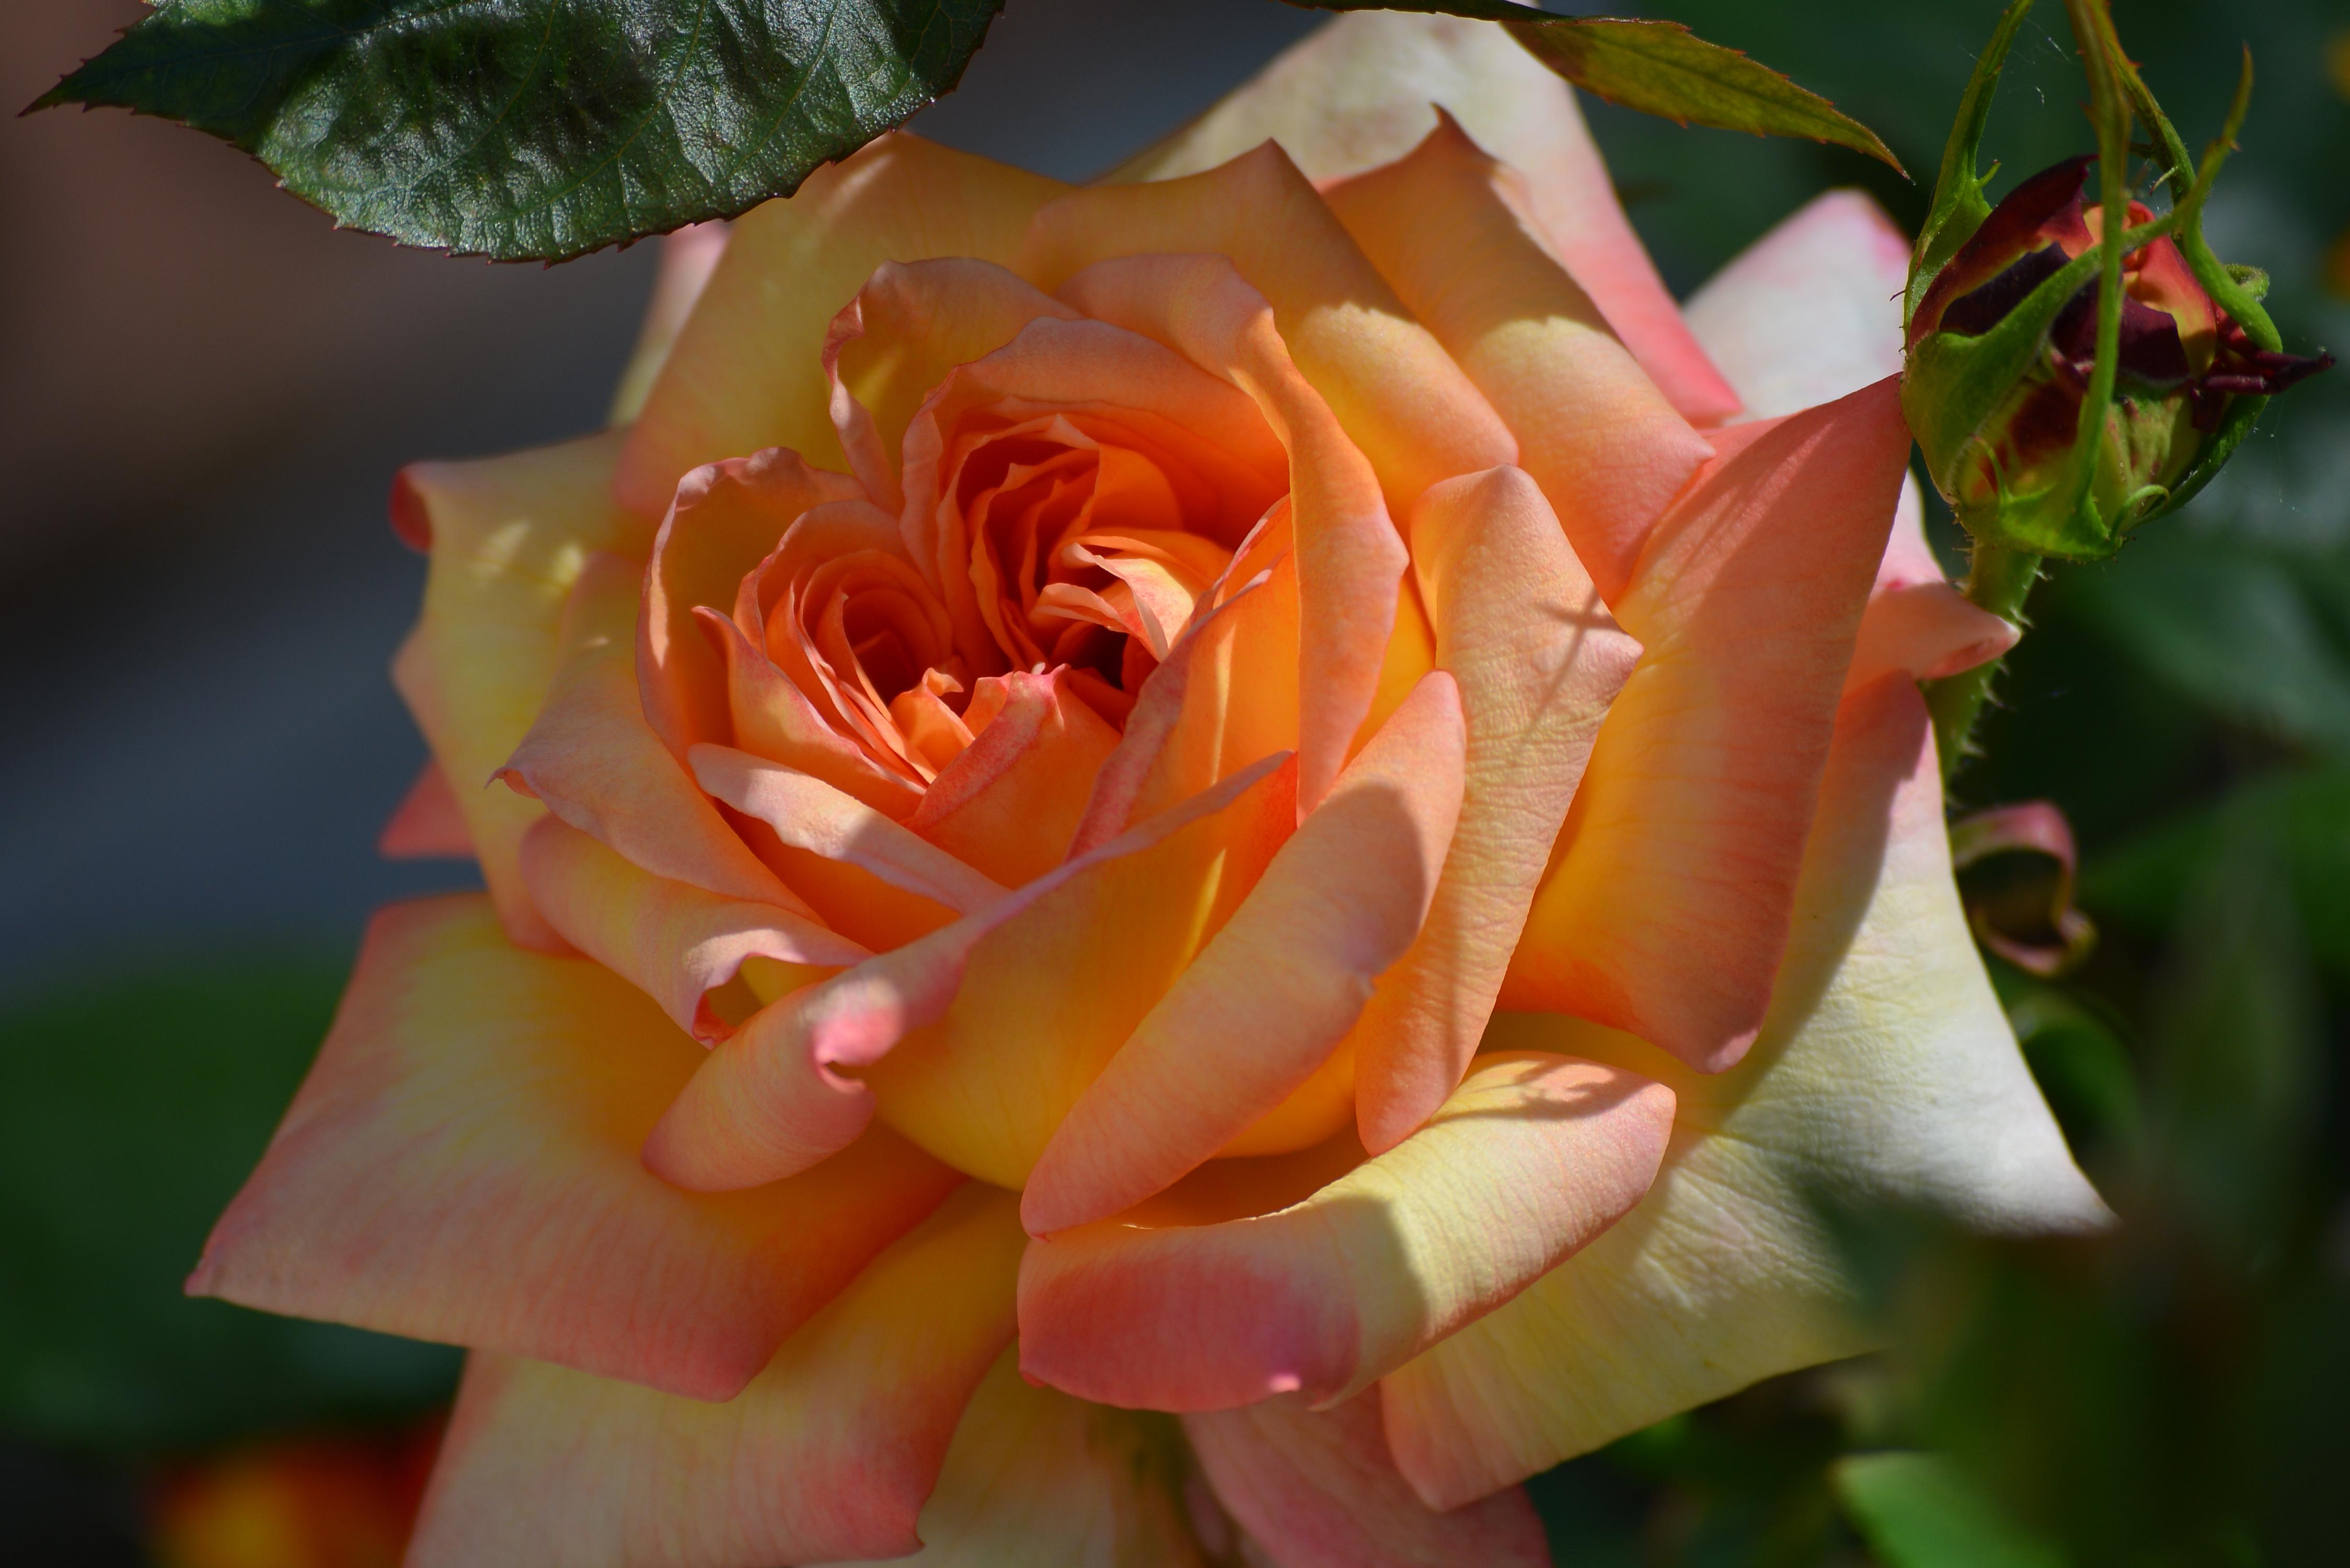 лайка хозяином лучшие розы мира картинки свою